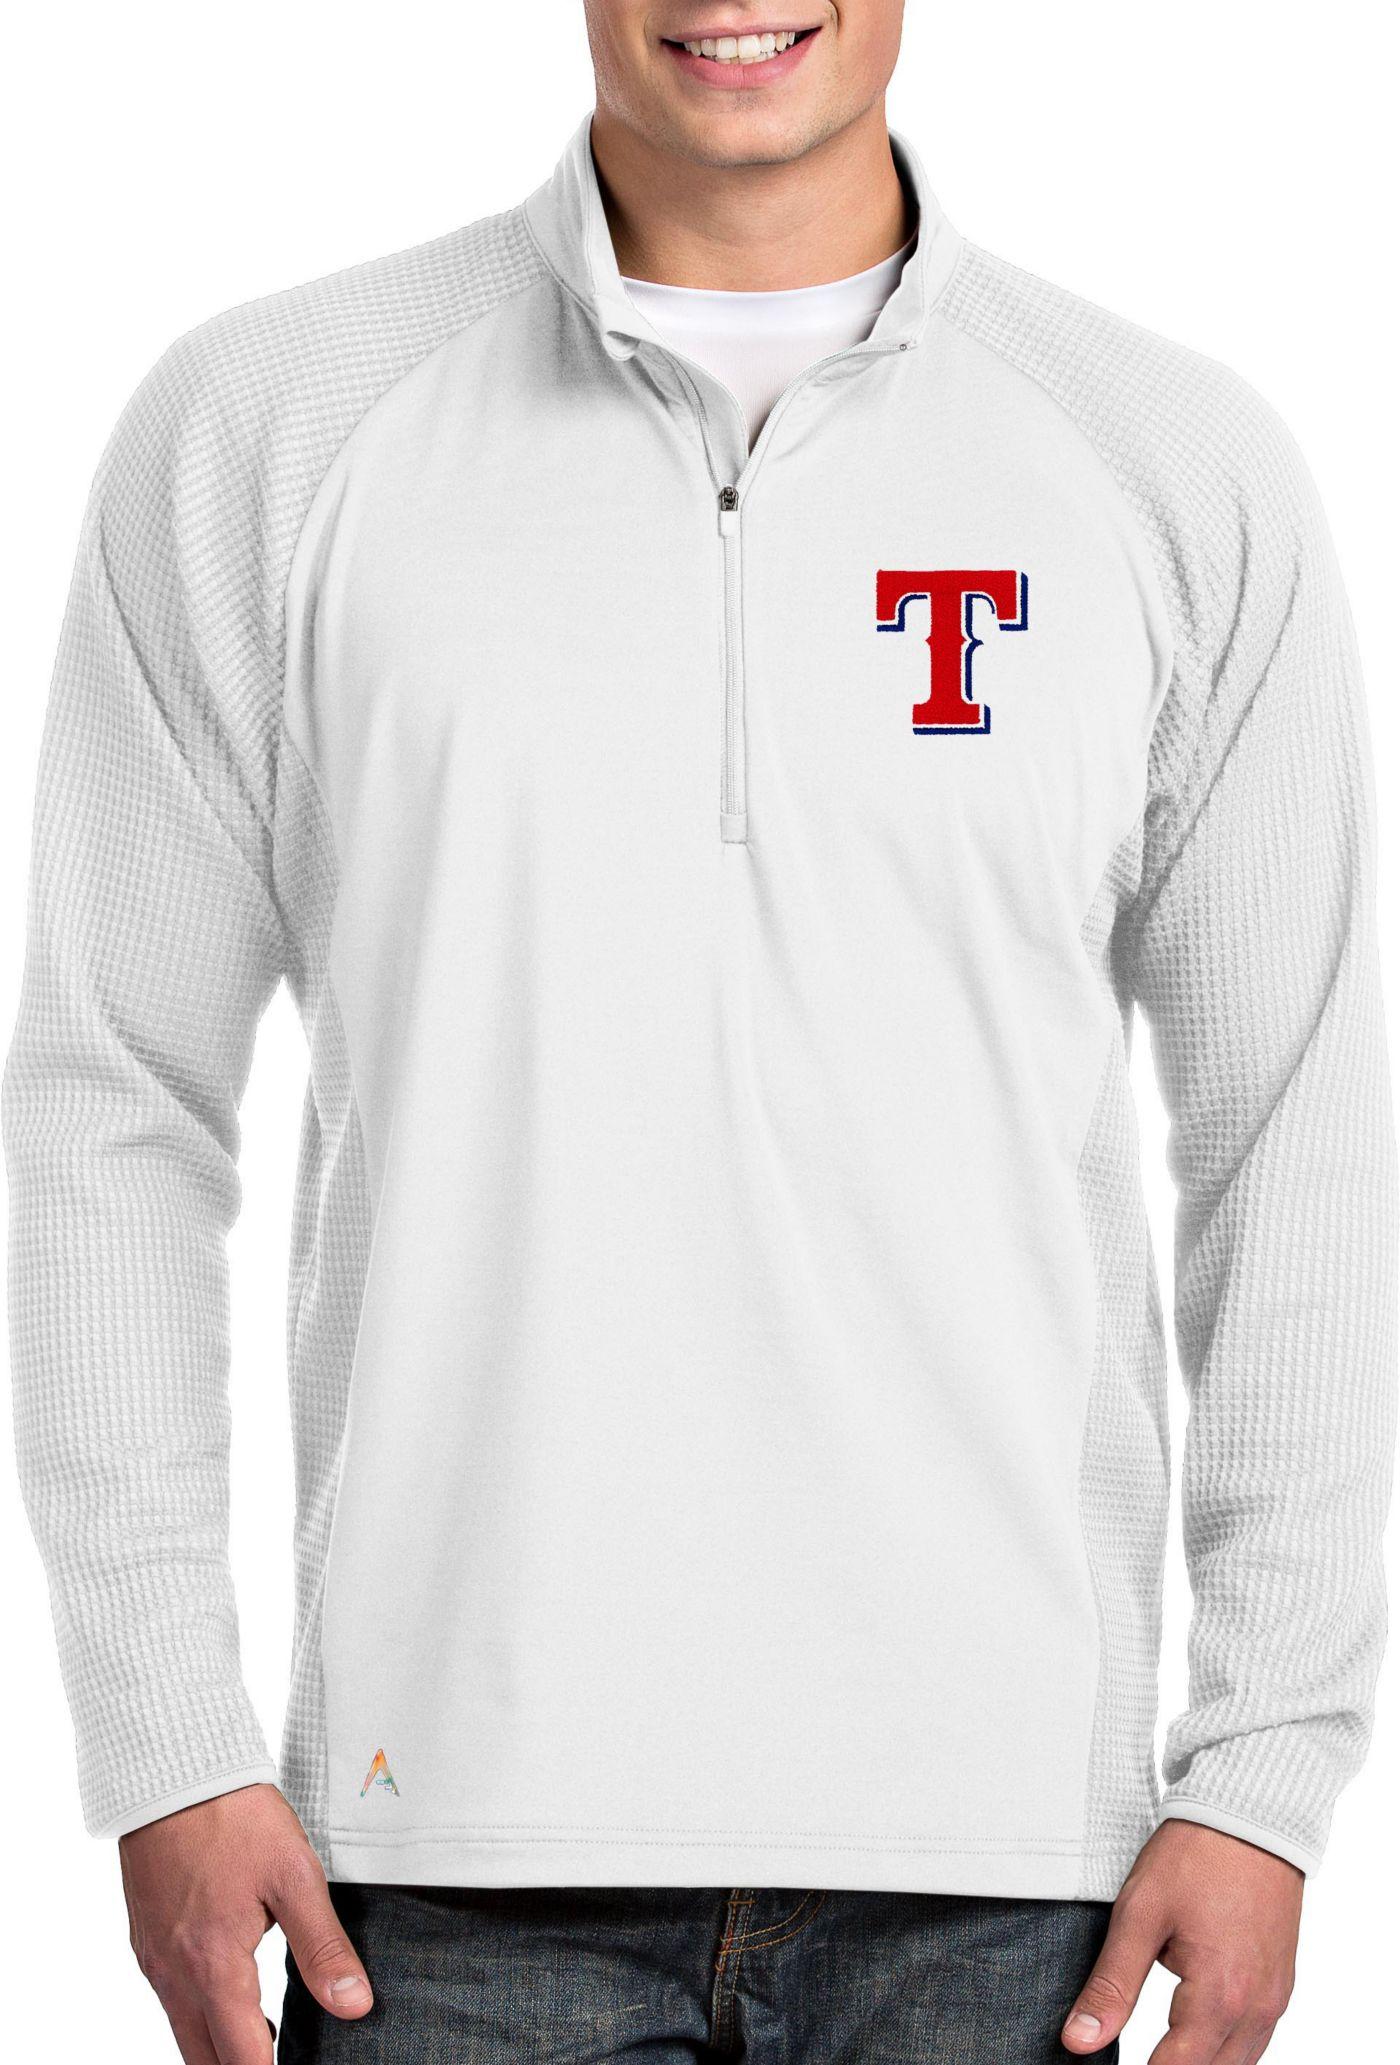 Antigua Men's Texas Rangers White Sonar Performance Quarter-Zip Pullover